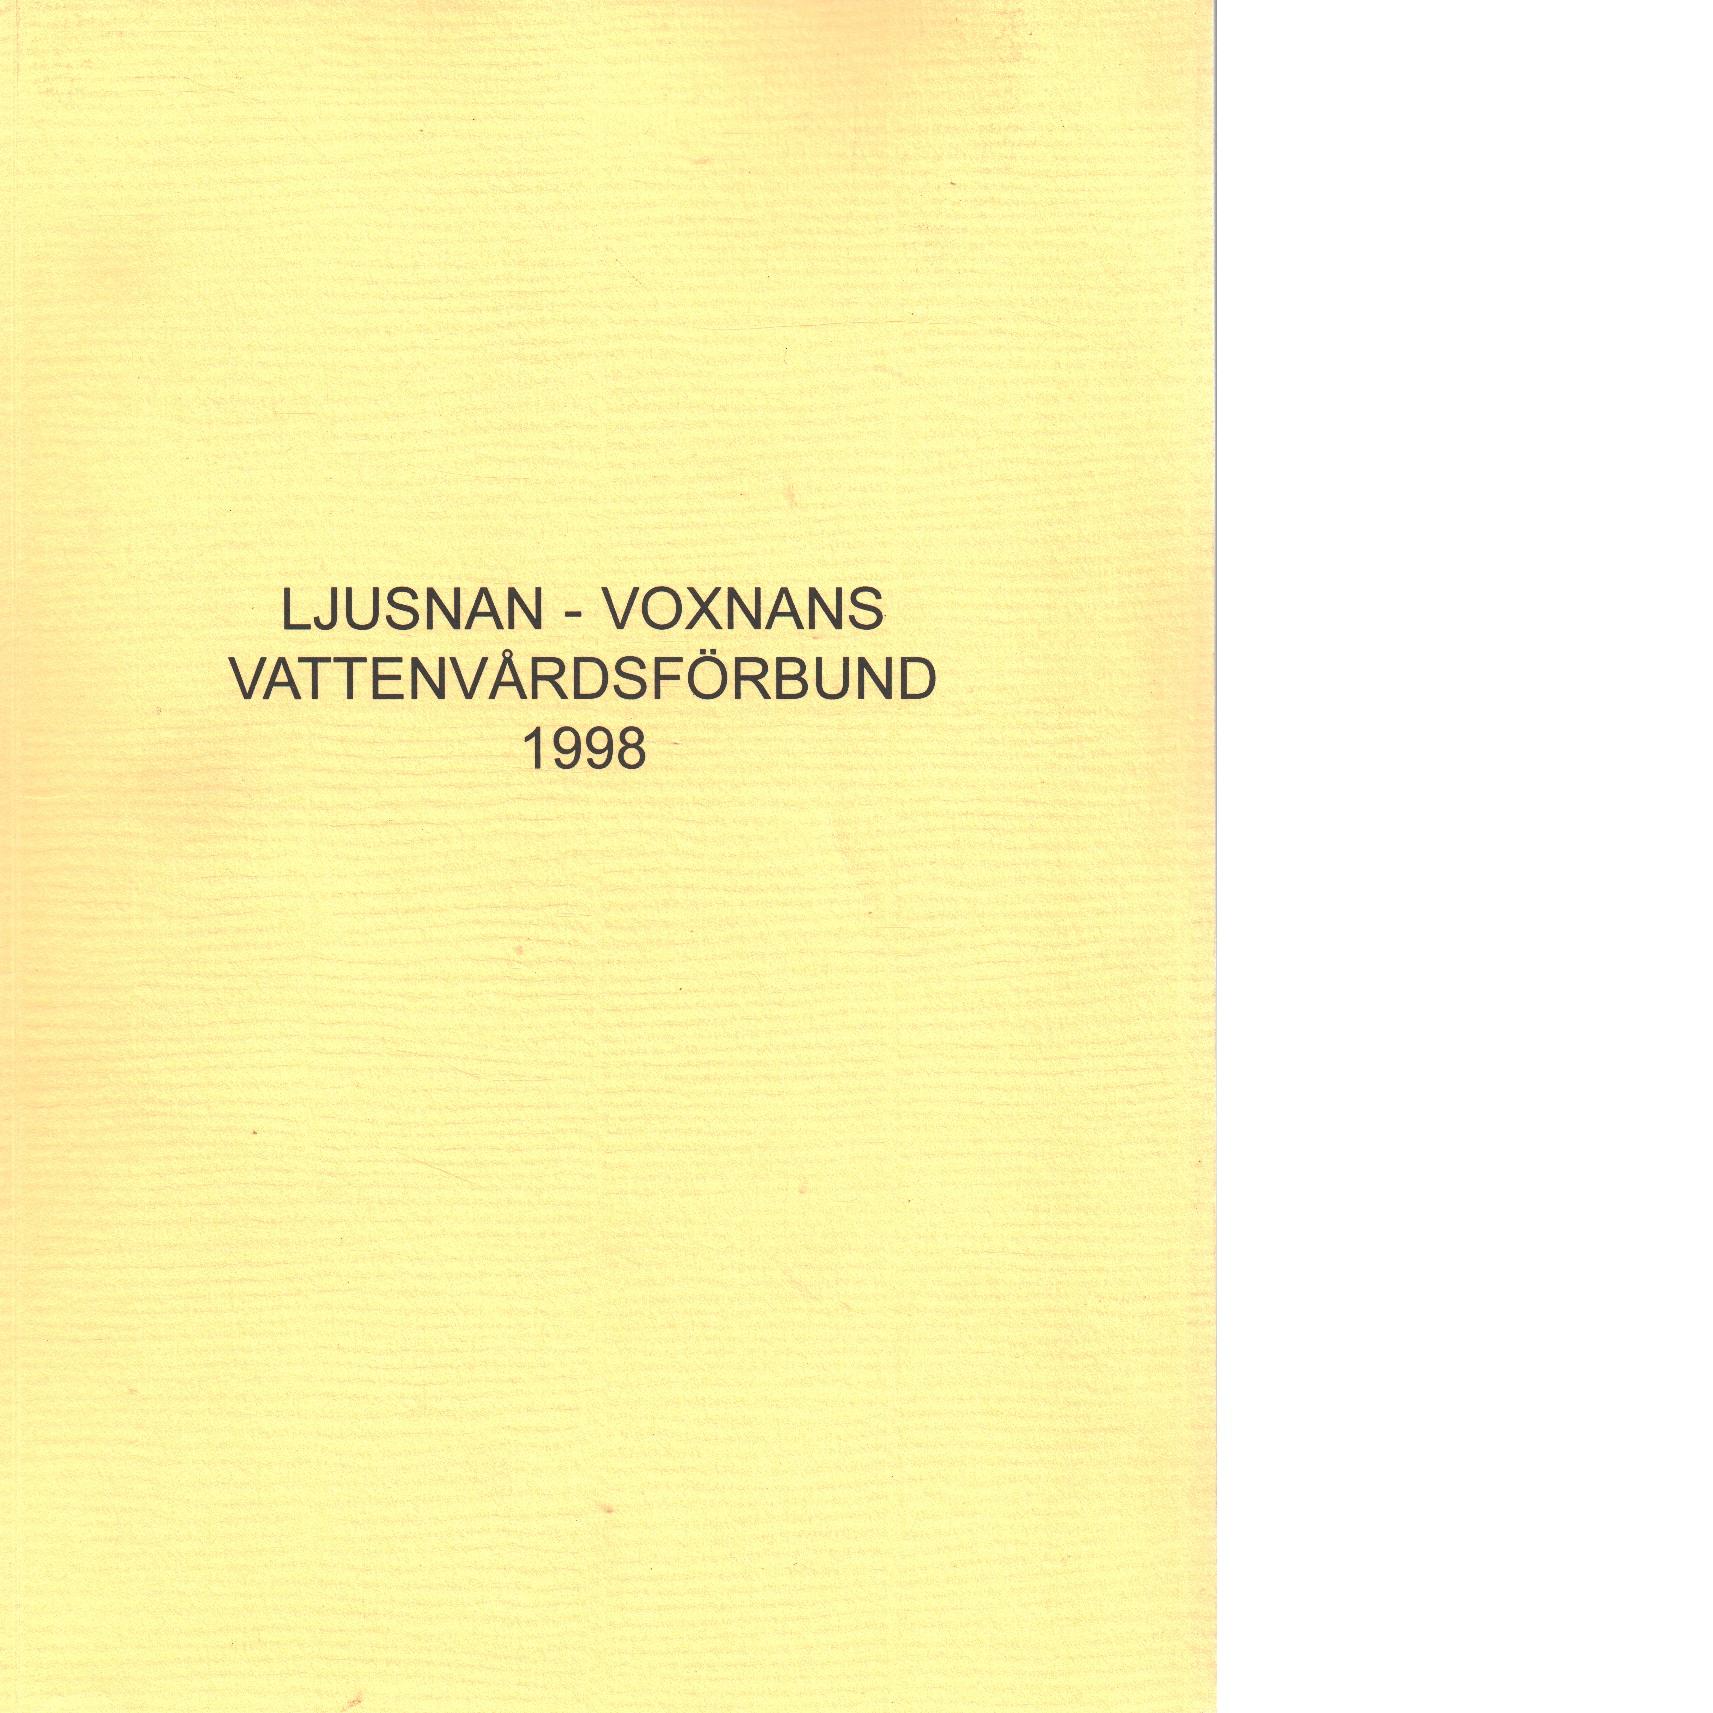 Ljusnan-Voxnans vattenvårdsförbund. - Red.